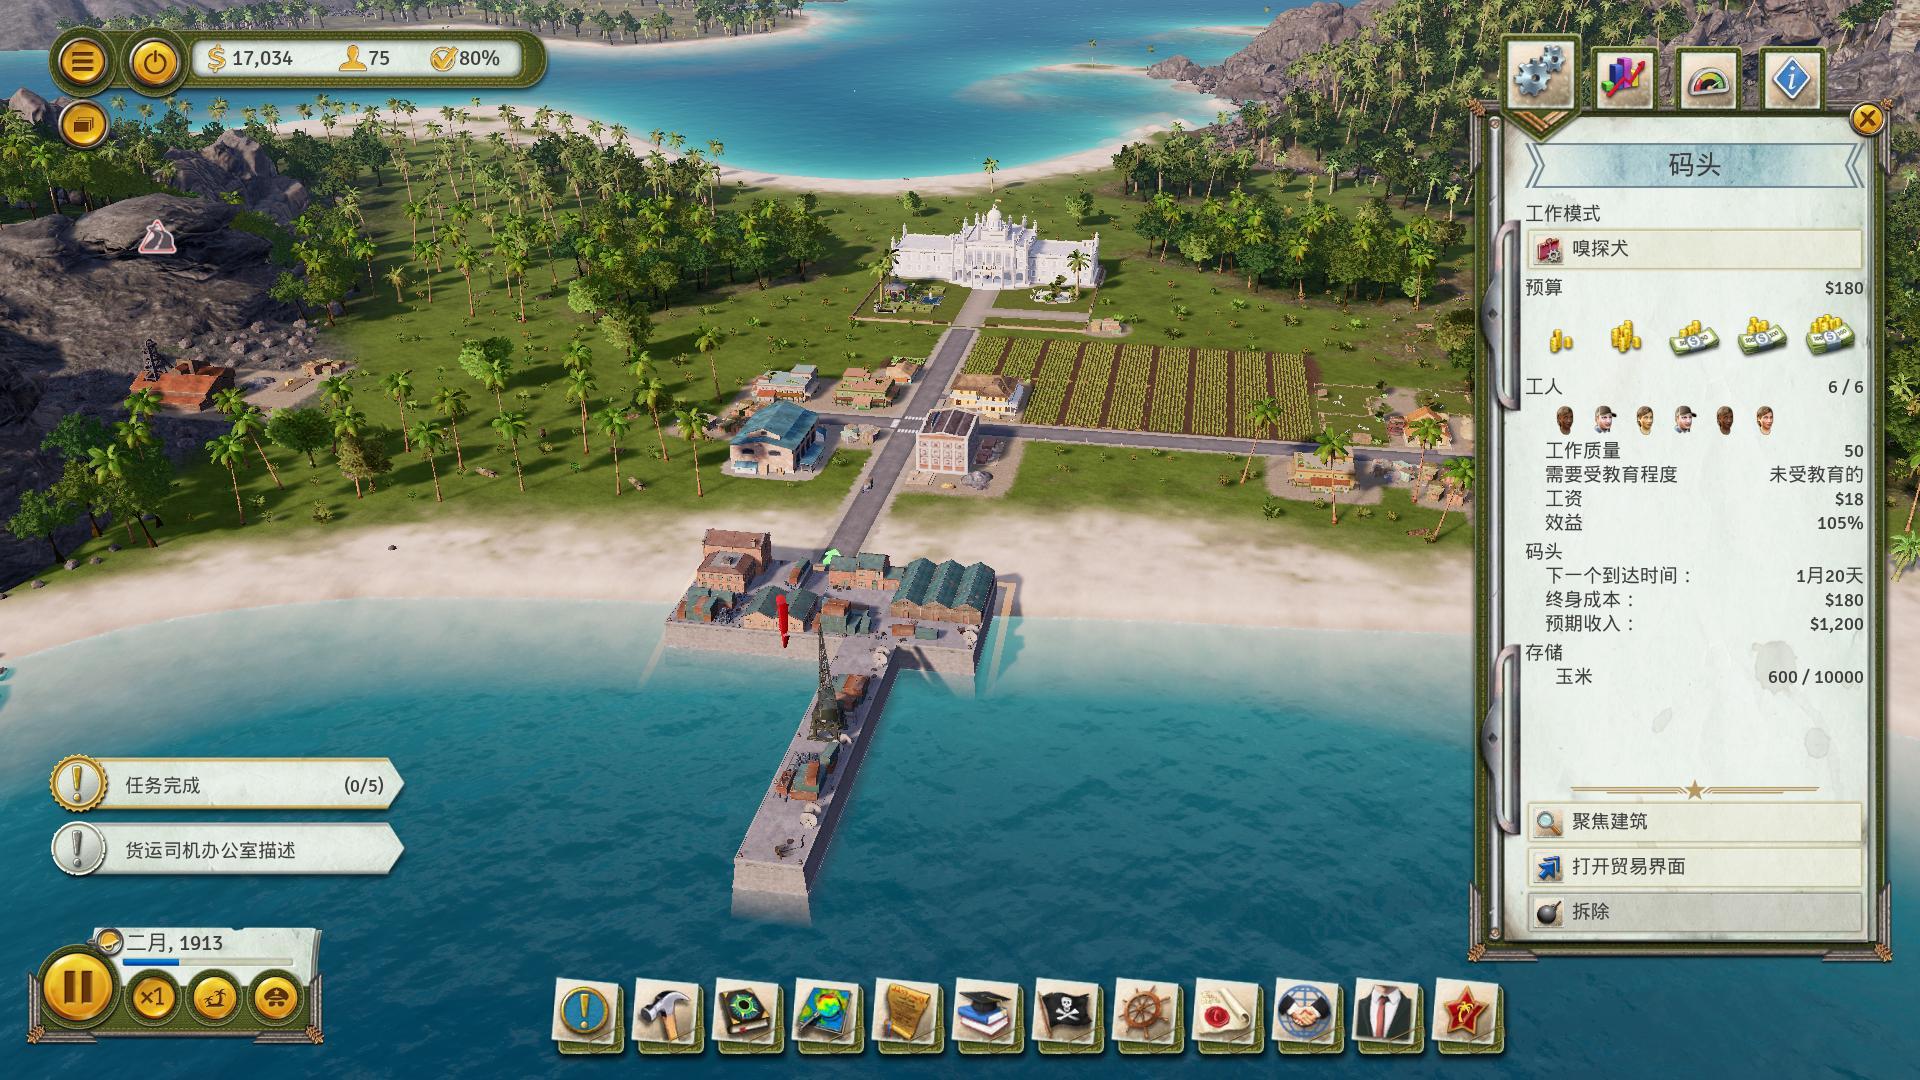 Tropico6-Win64-Shipping 2019-03-30 10-24-32-31.jpg